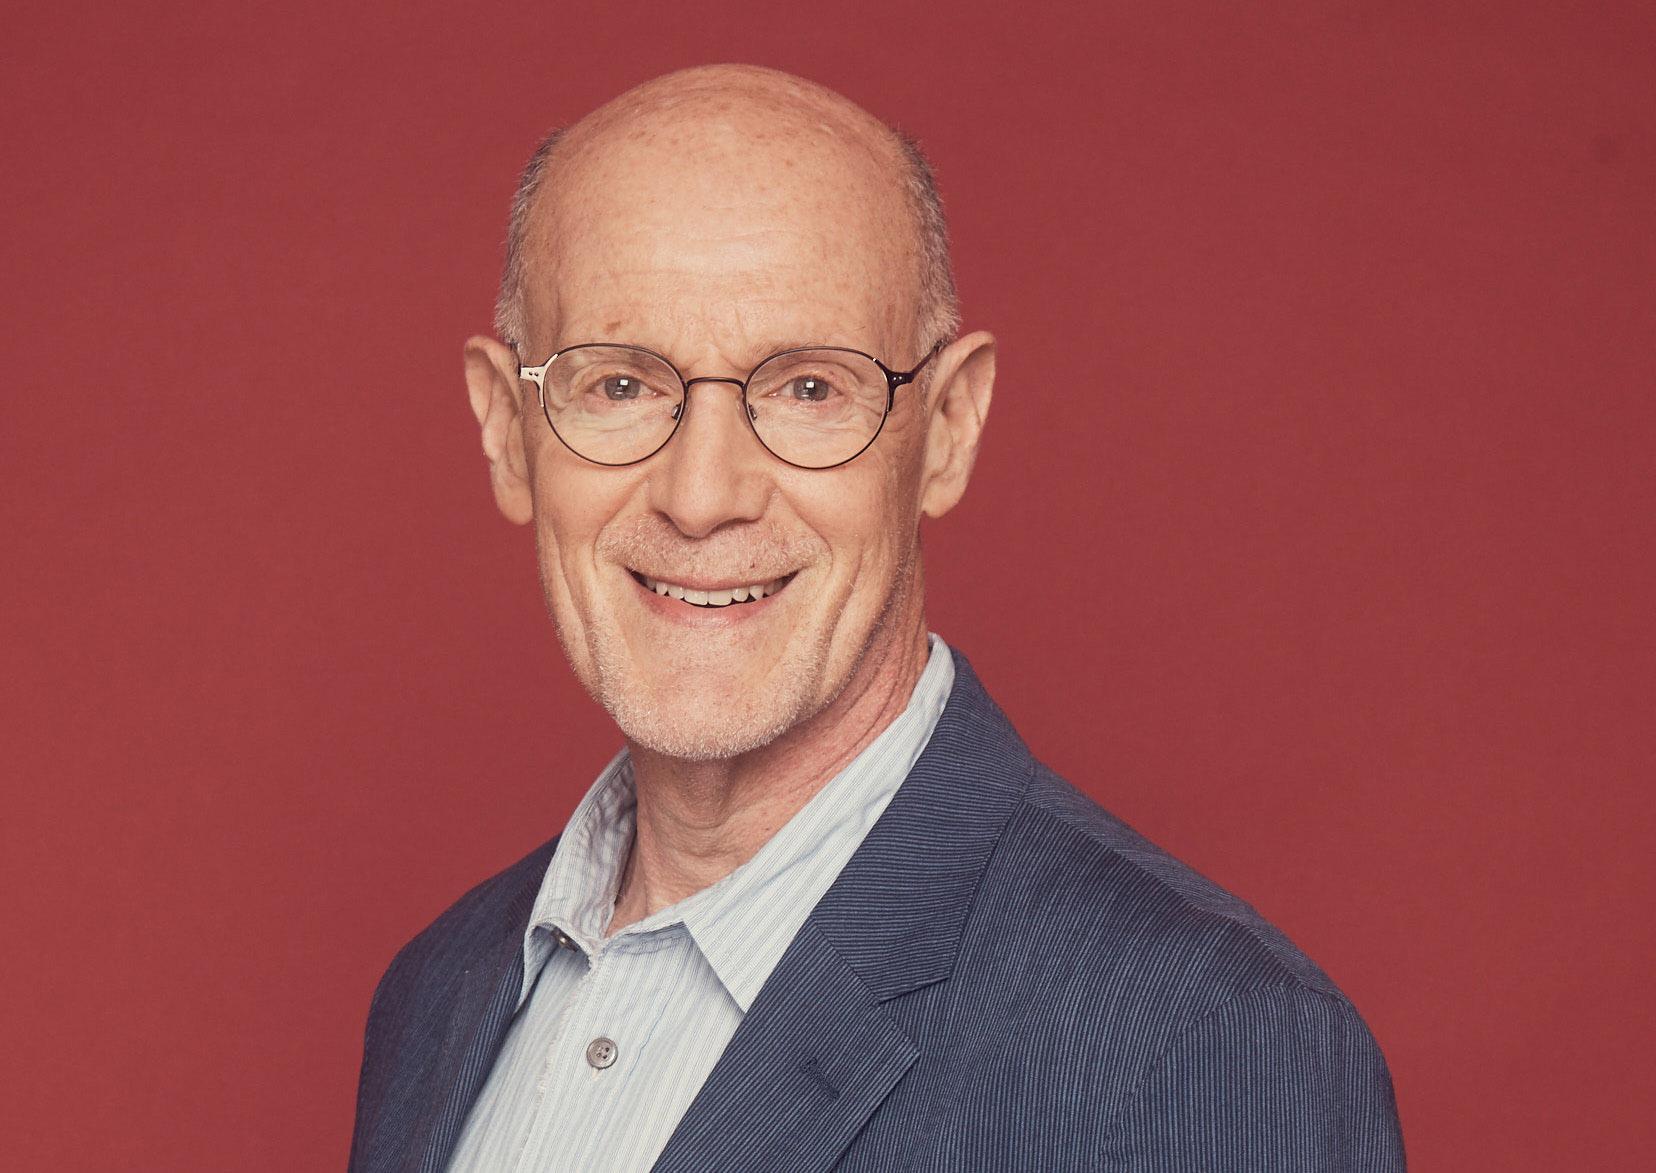 Neil Meron